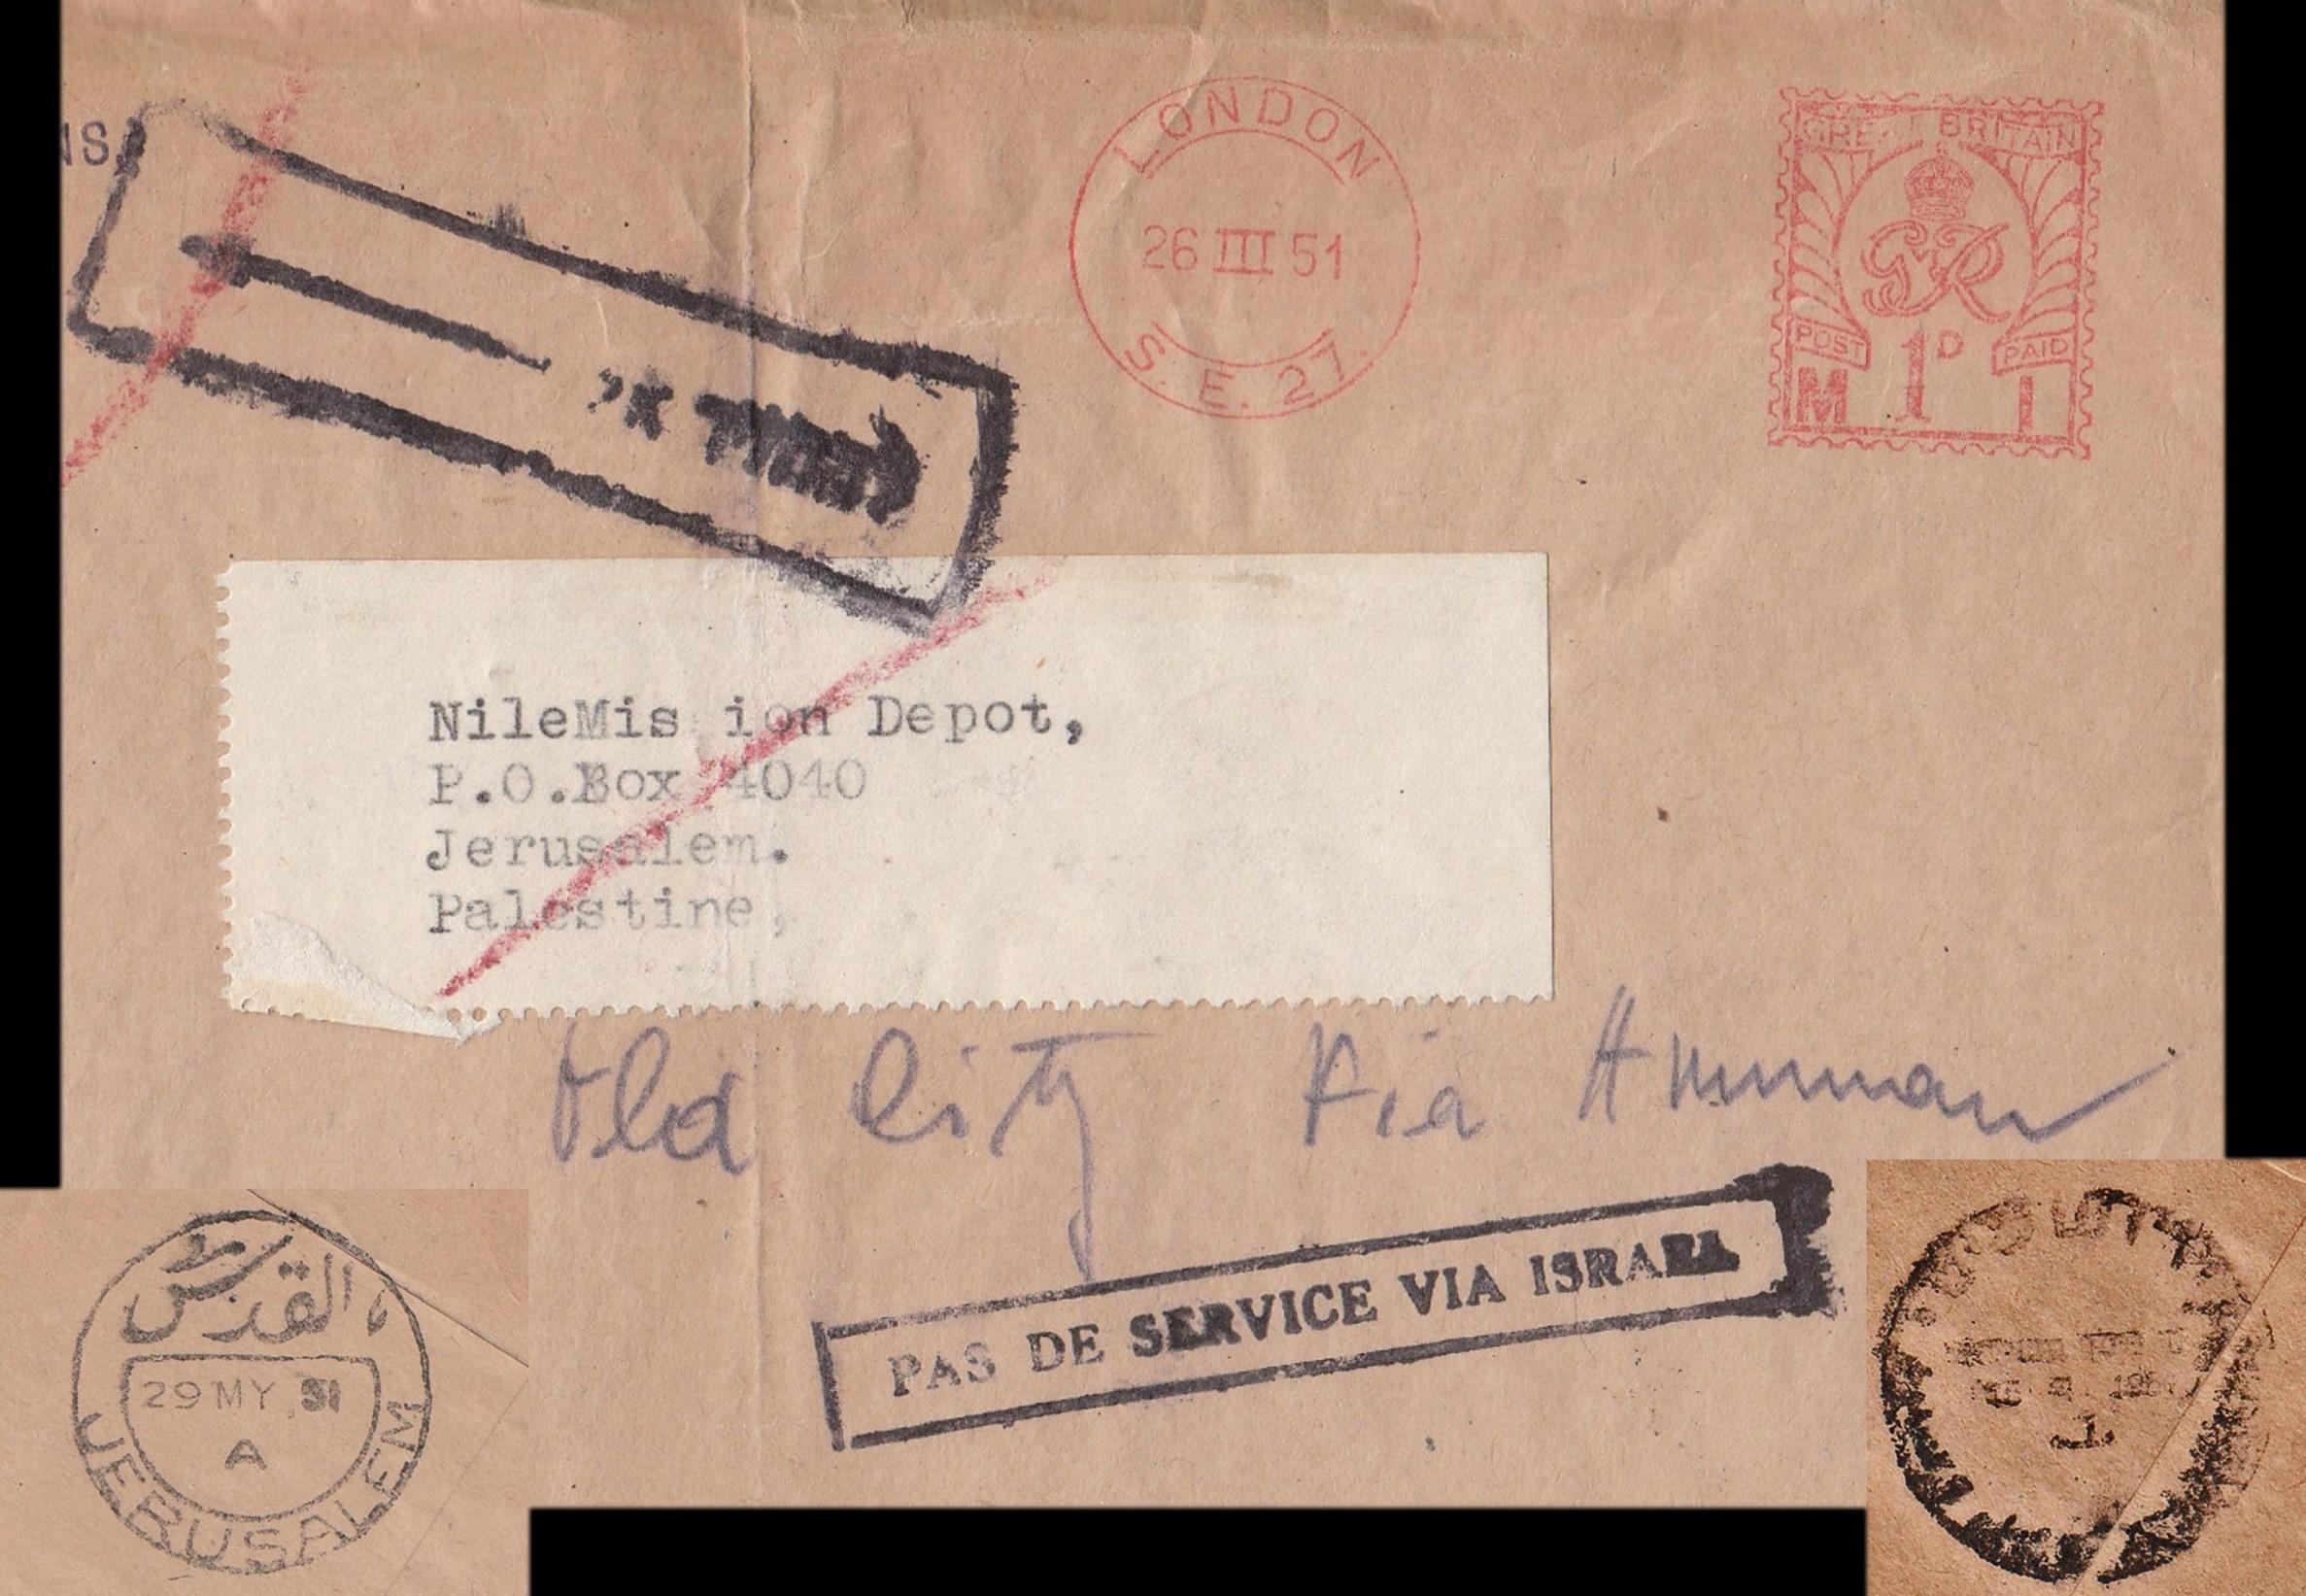 3/1951 بريد إلكتروني للمملكة المتحدة في شرق القدس عبر إسرائيل حيث عادت. استاء